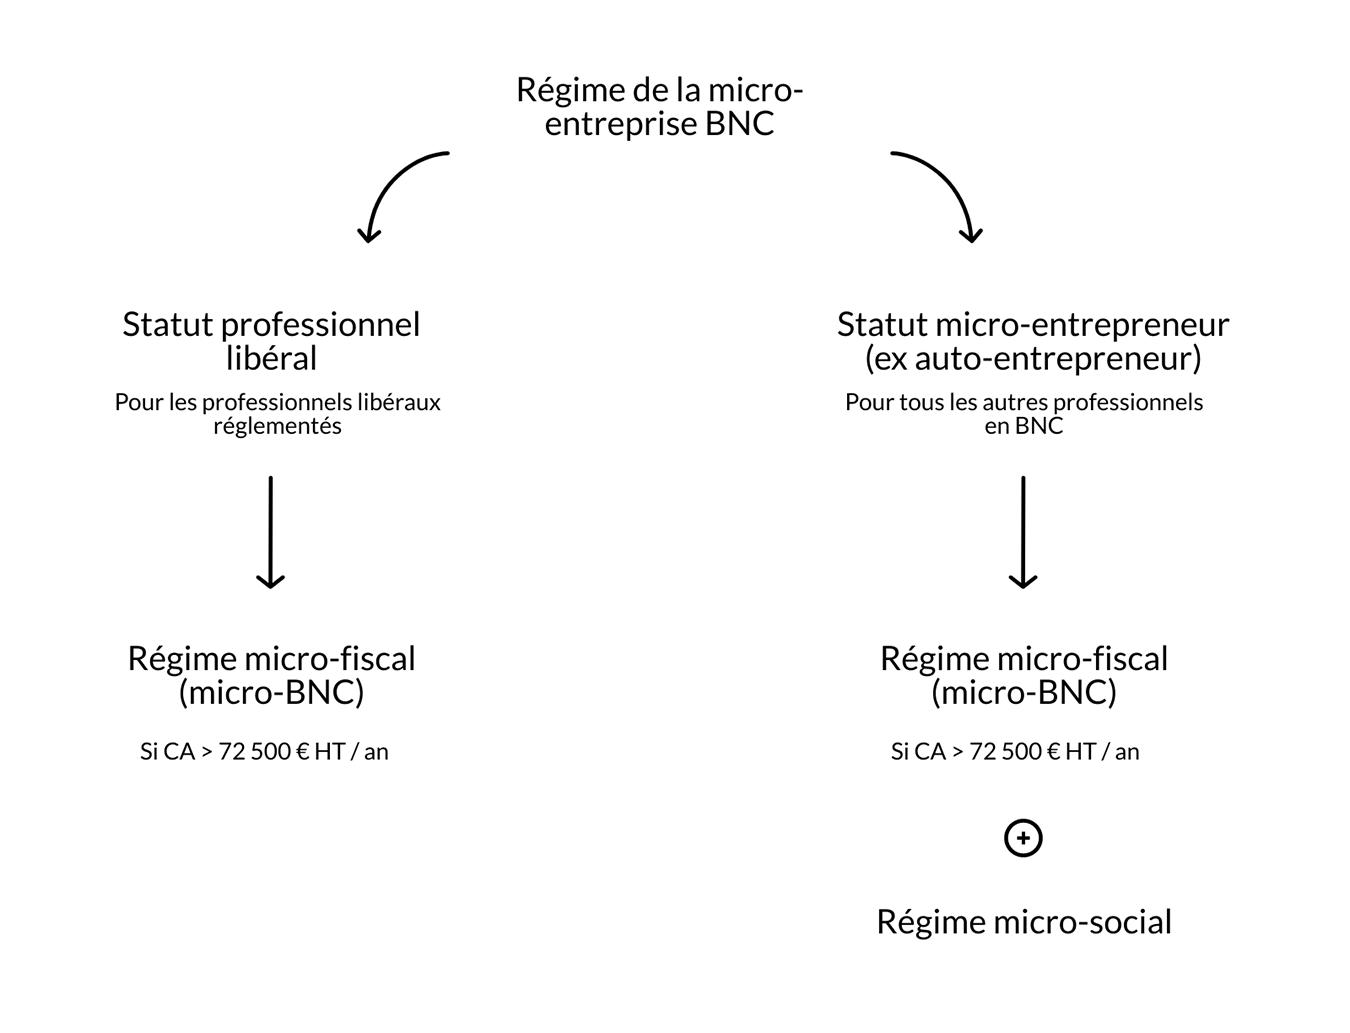 Régime Micro BNC professions libérales réglementées